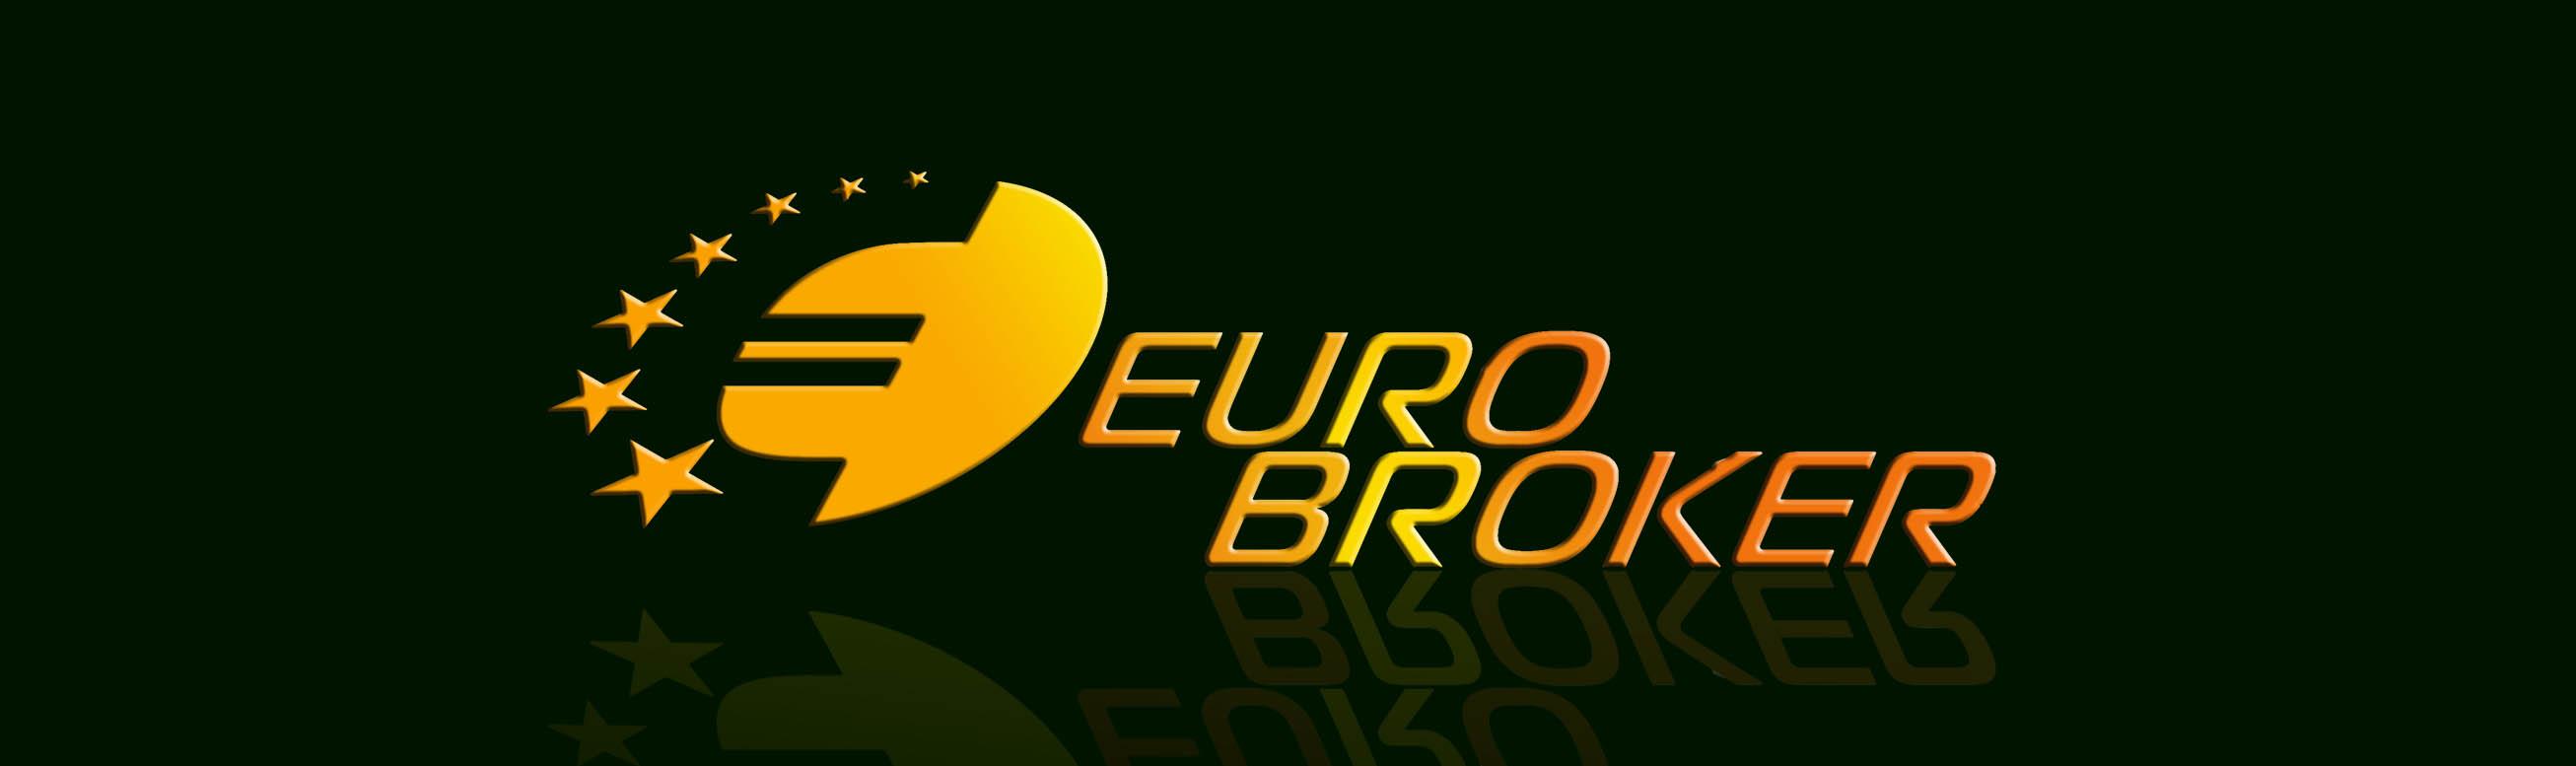 Разработка логотипа компании для сайта фото f_4bec413f5215f.jpg